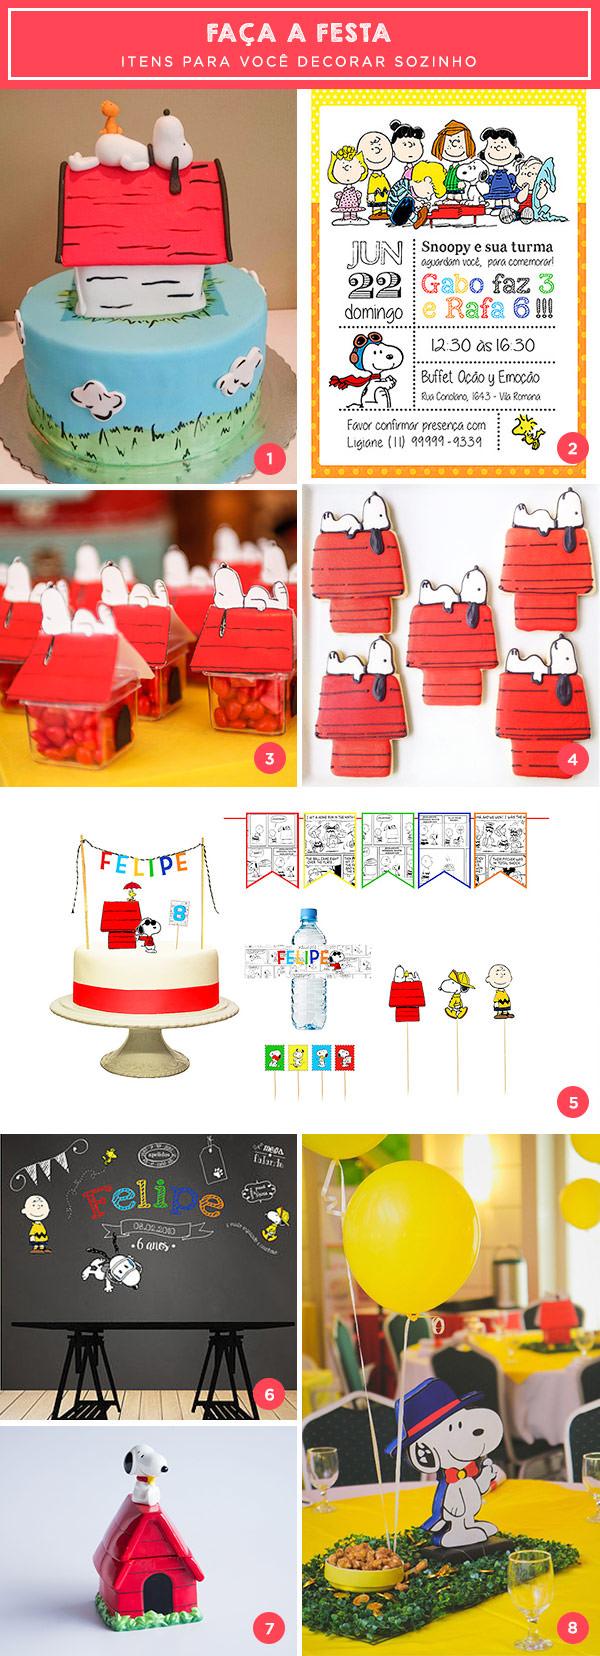 Faça a festa: tema Snoopy